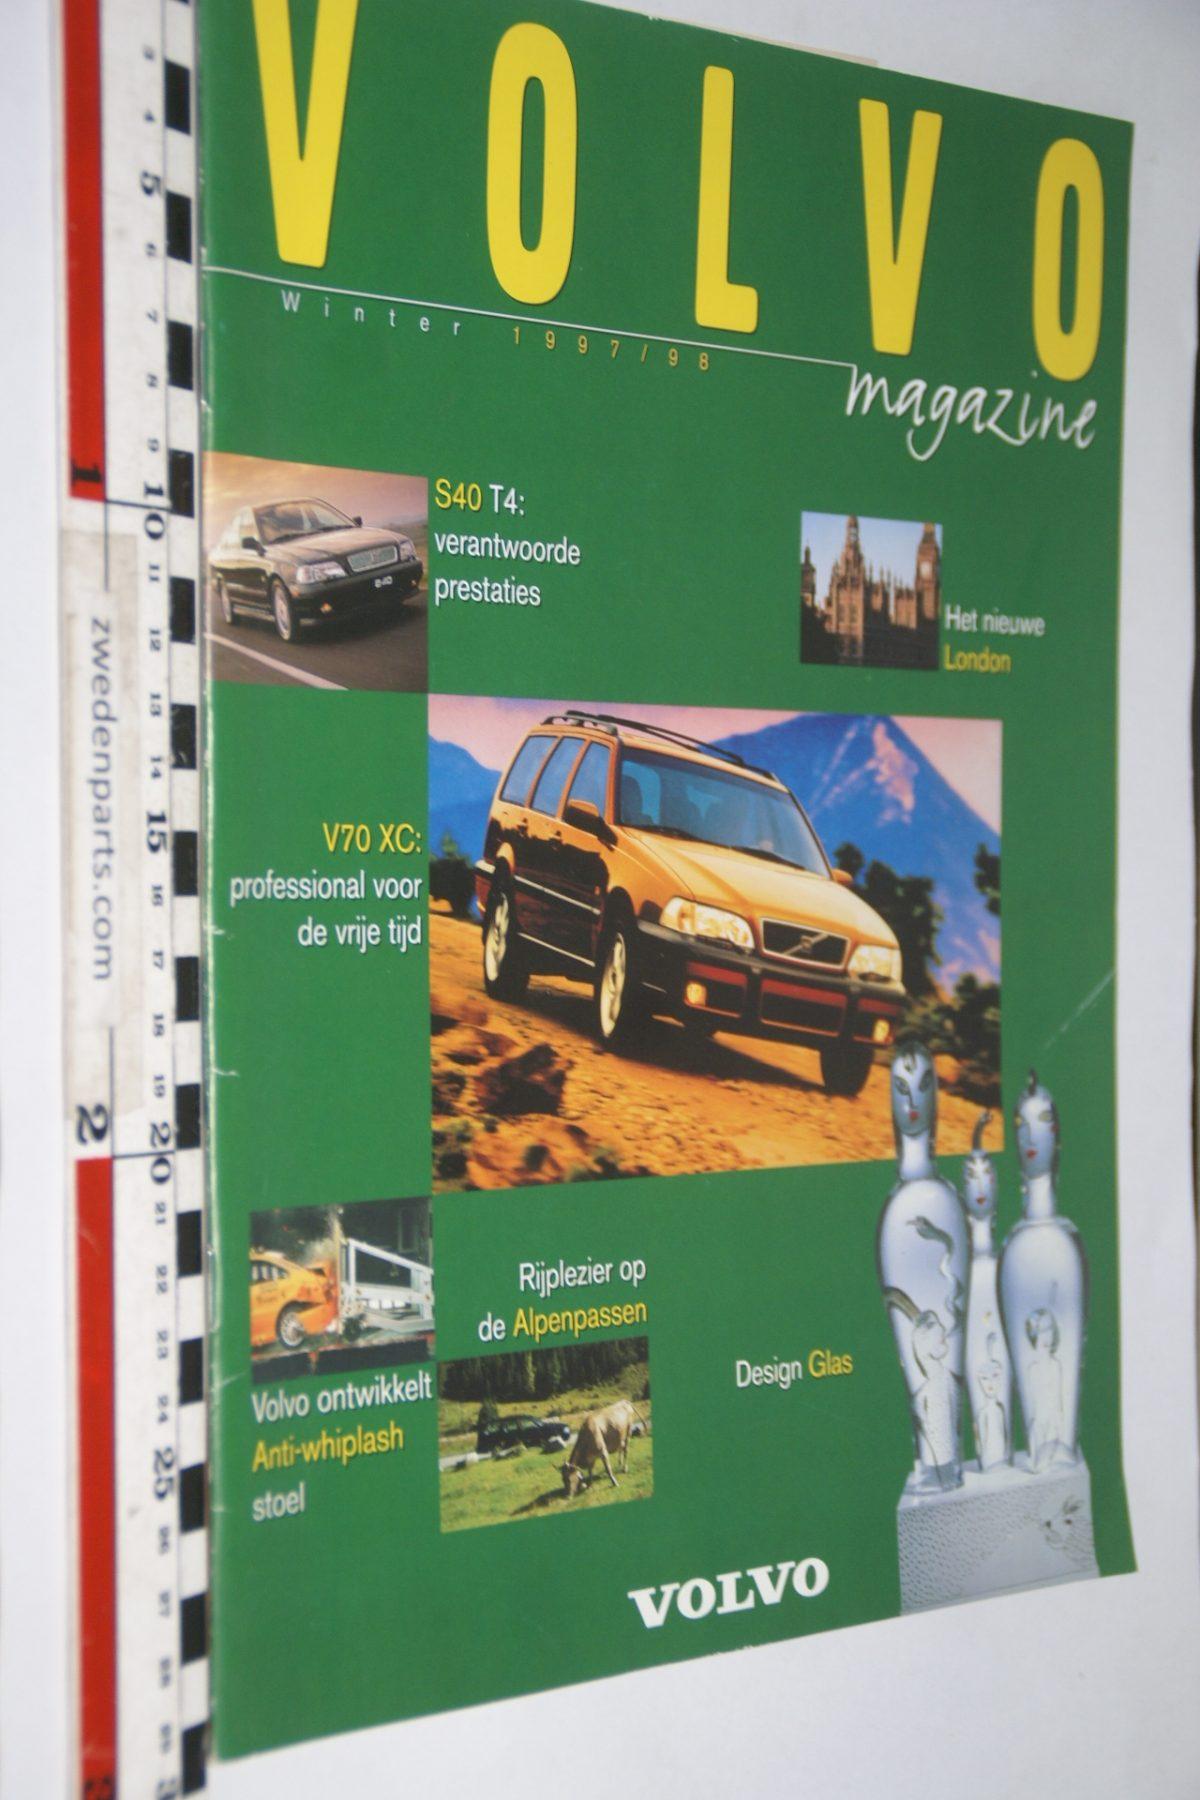 DSC06052 1997-1998 tijdschrift Volvo Magazine